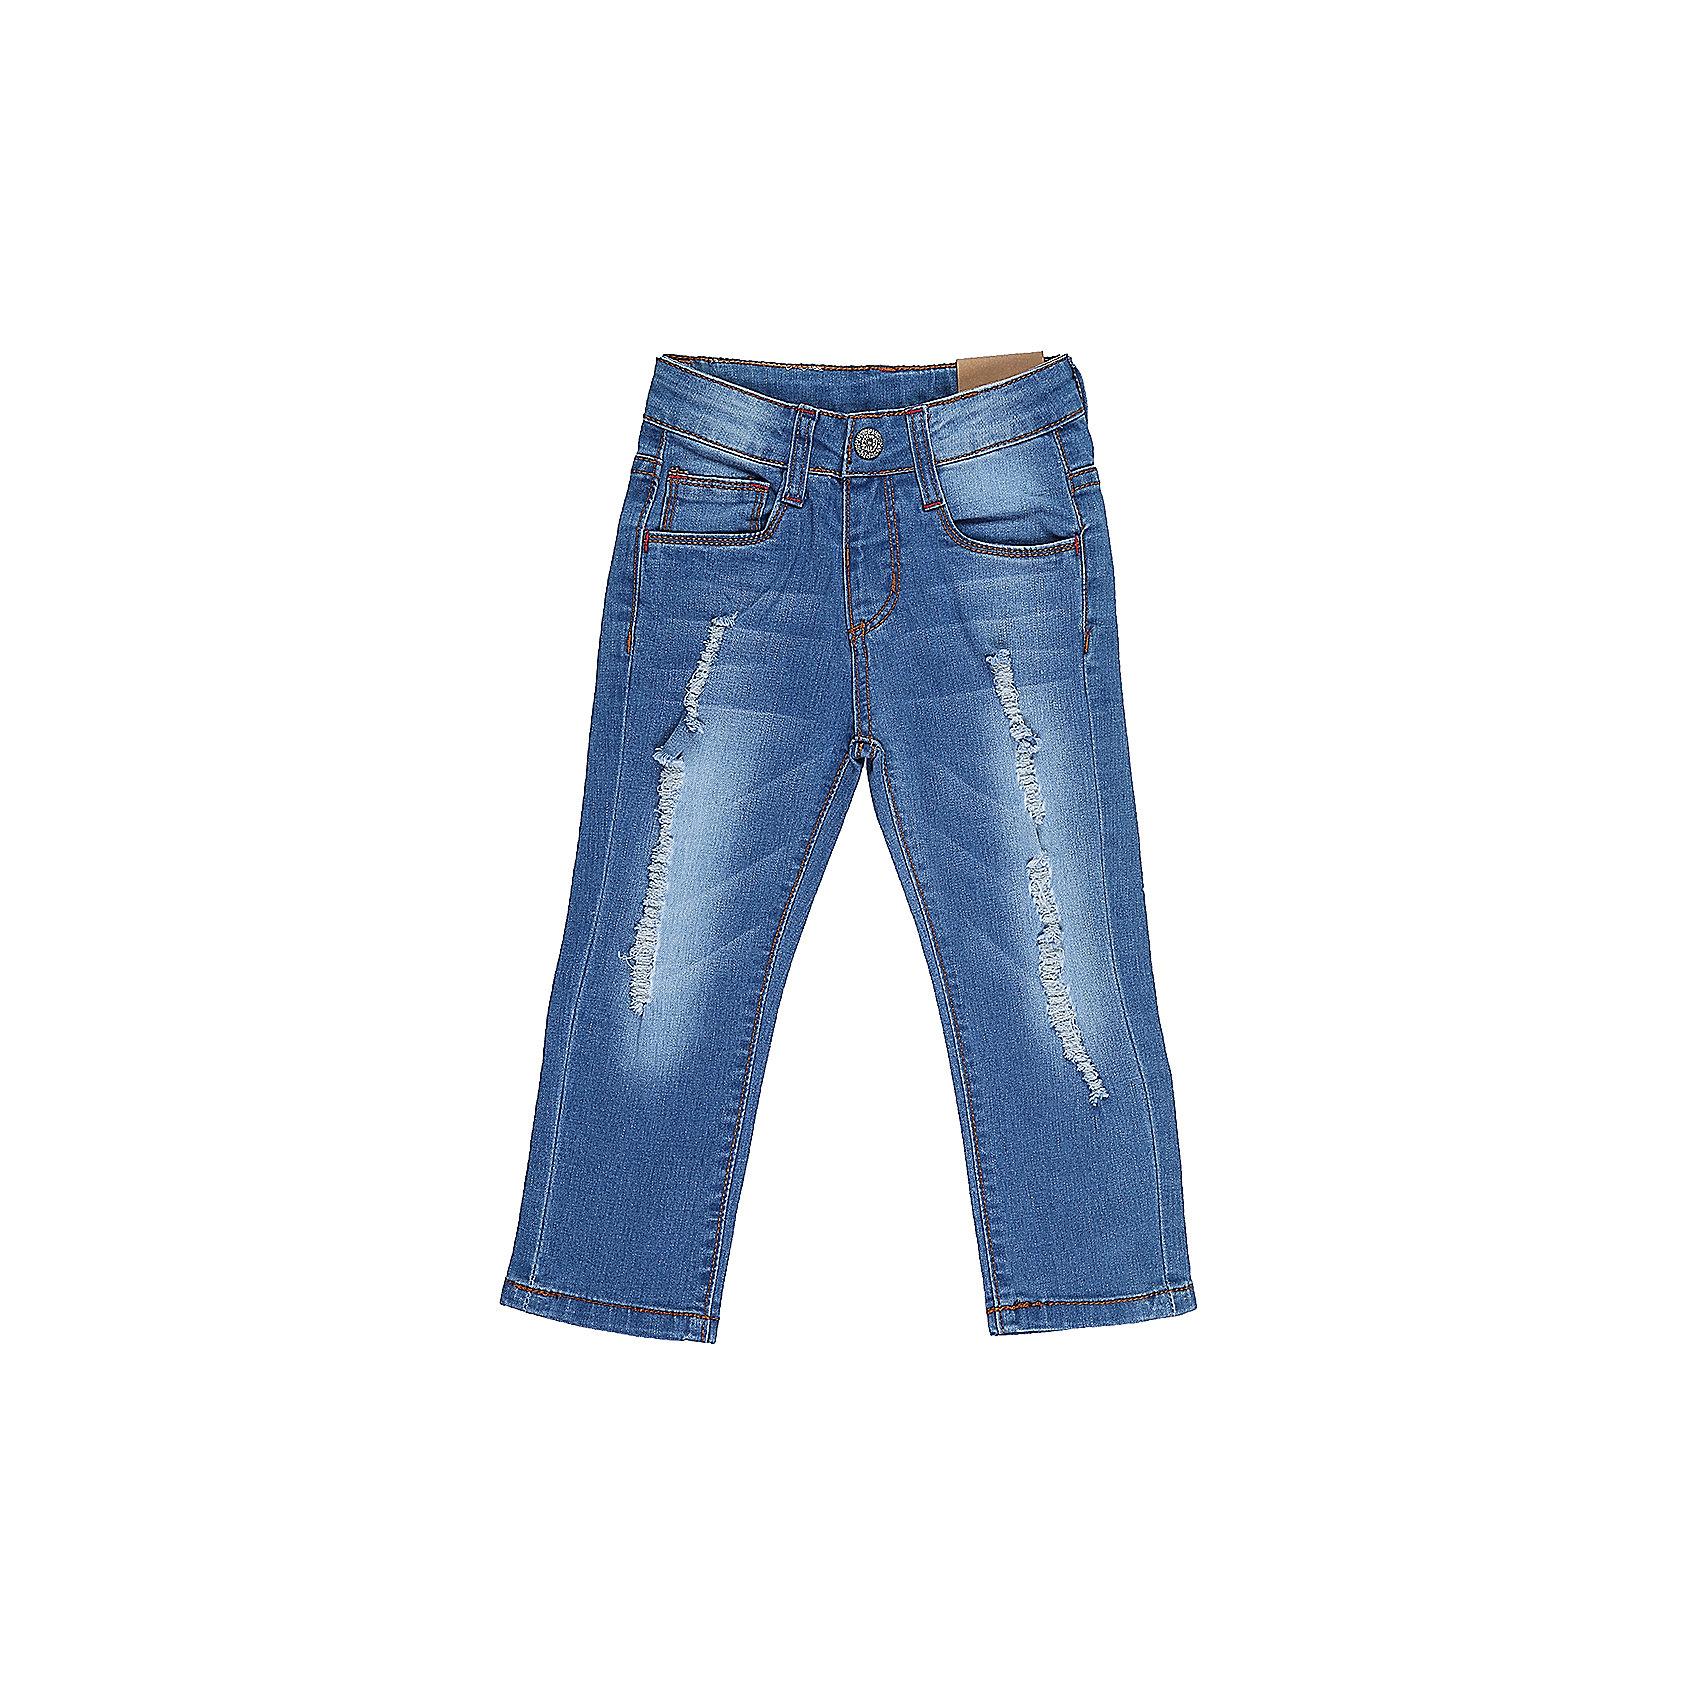 Джинсы для девочки Sweet BerryДжинсы<br>Джинсы  для девочки из хлопковой ткани, декорированы потертостями и эффектом рванной джинсы. Зауженный крой, средняя посадка. Застегиваются на молнию и крючок. Шлевки на поясе рассчитаны под ремень. В боковой части пояса находятся вшитые эластичные ленты, регулирующие посадку по талии.<br>Состав:<br>98%хлопок 2%эластан<br><br>Ширина мм: 215<br>Глубина мм: 88<br>Высота мм: 191<br>Вес г: 336<br>Цвет: синий<br>Возраст от месяцев: 12<br>Возраст до месяцев: 18<br>Пол: Женский<br>Возраст: Детский<br>Размер: 86,98,80,92<br>SKU: 5411120